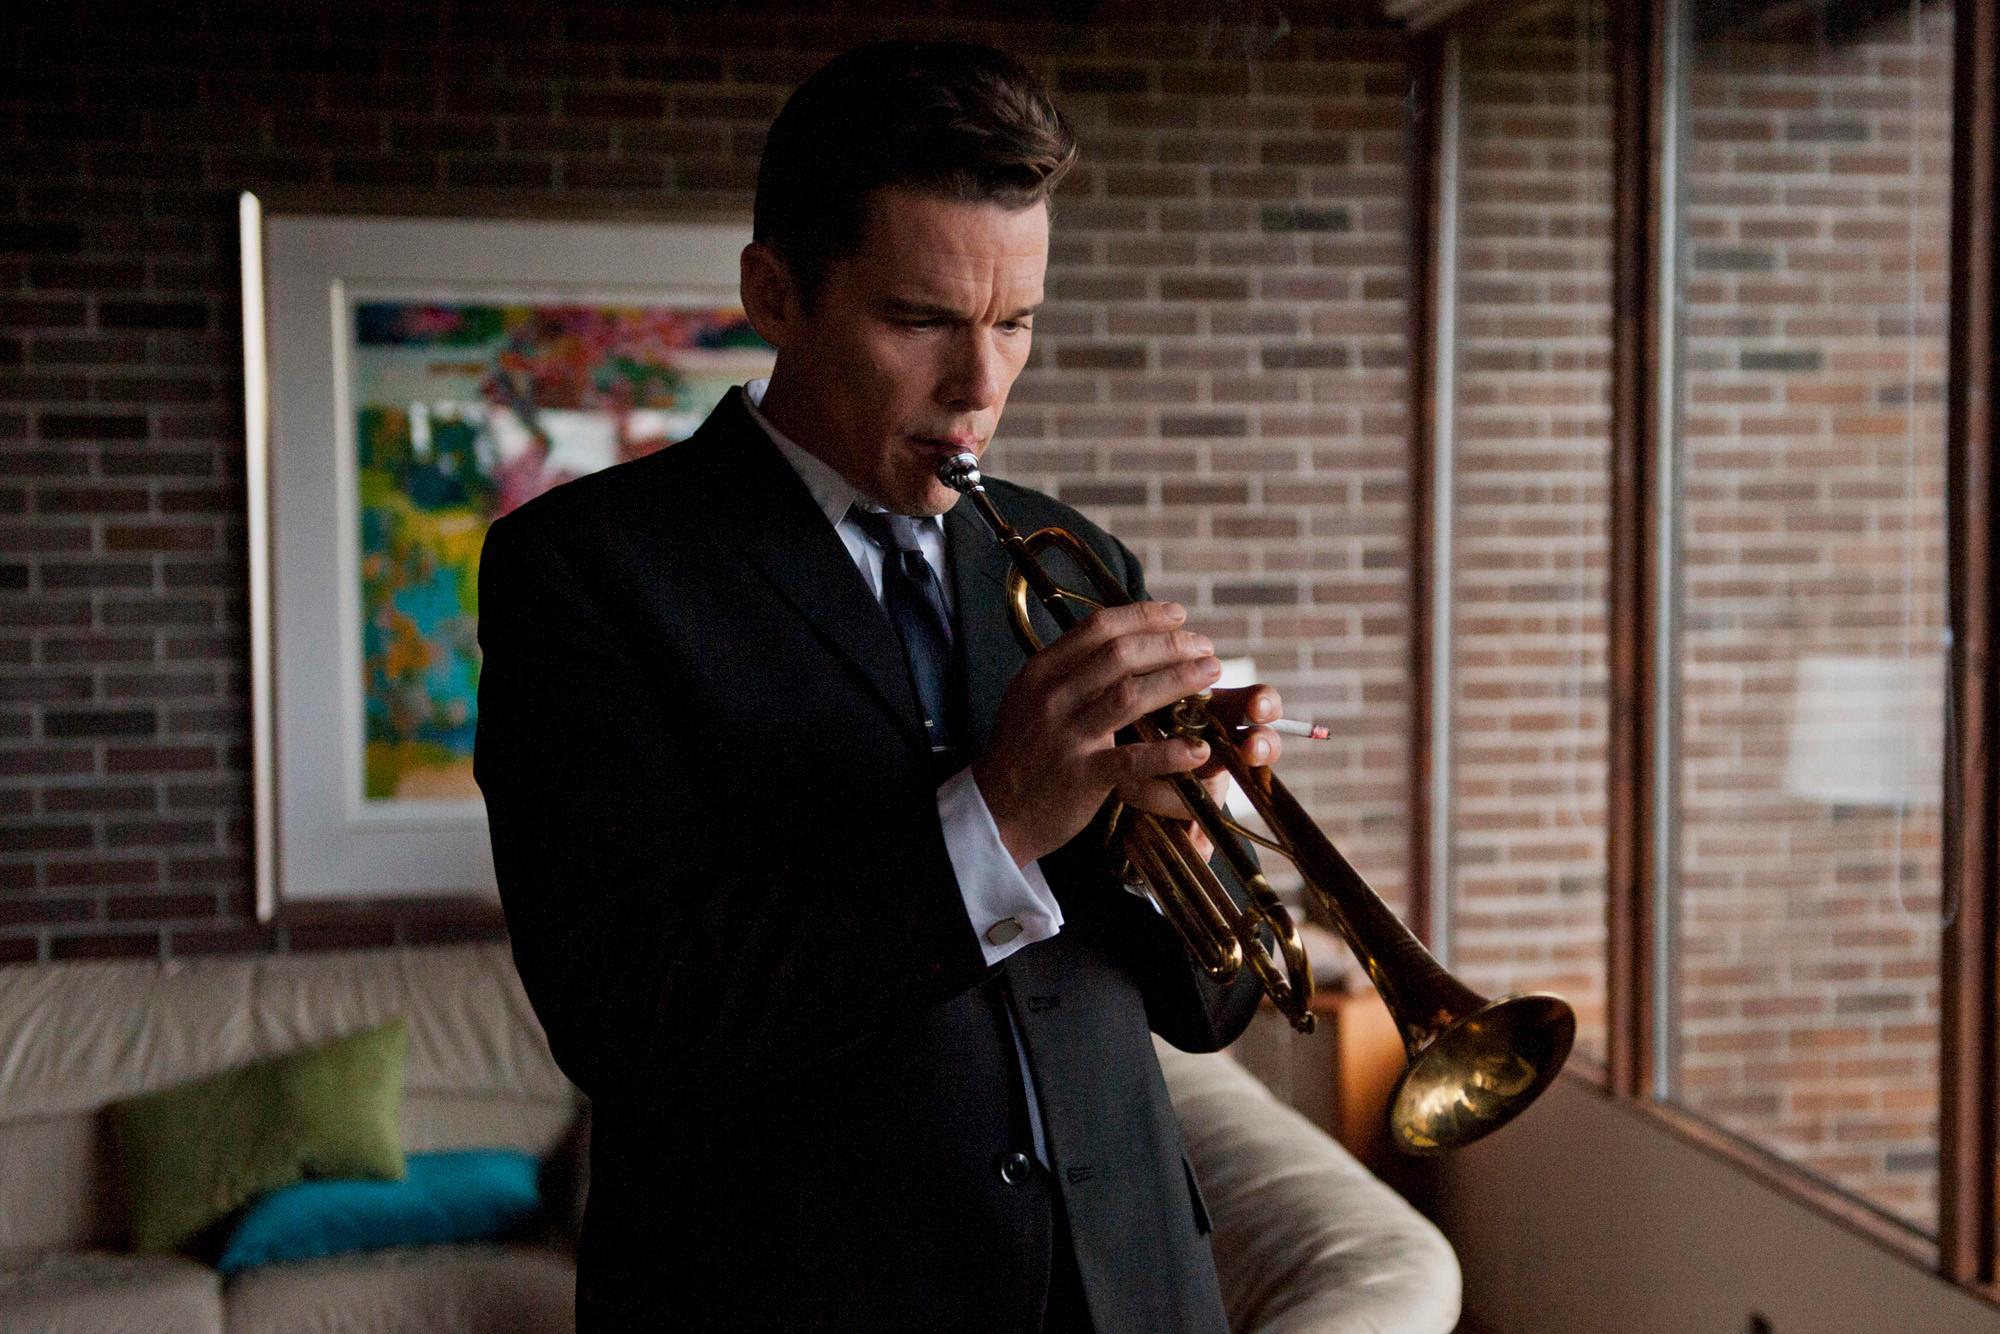 Born to Be Blue  Baseado na vida do músico de jazz Chet Baker, o filme tem Ethan Hawke no papel de protagonista. Conhecido pelo talento com o trompete, o filme também mantém fiel a fama do artista enquanto um dos mais elegantes da história.